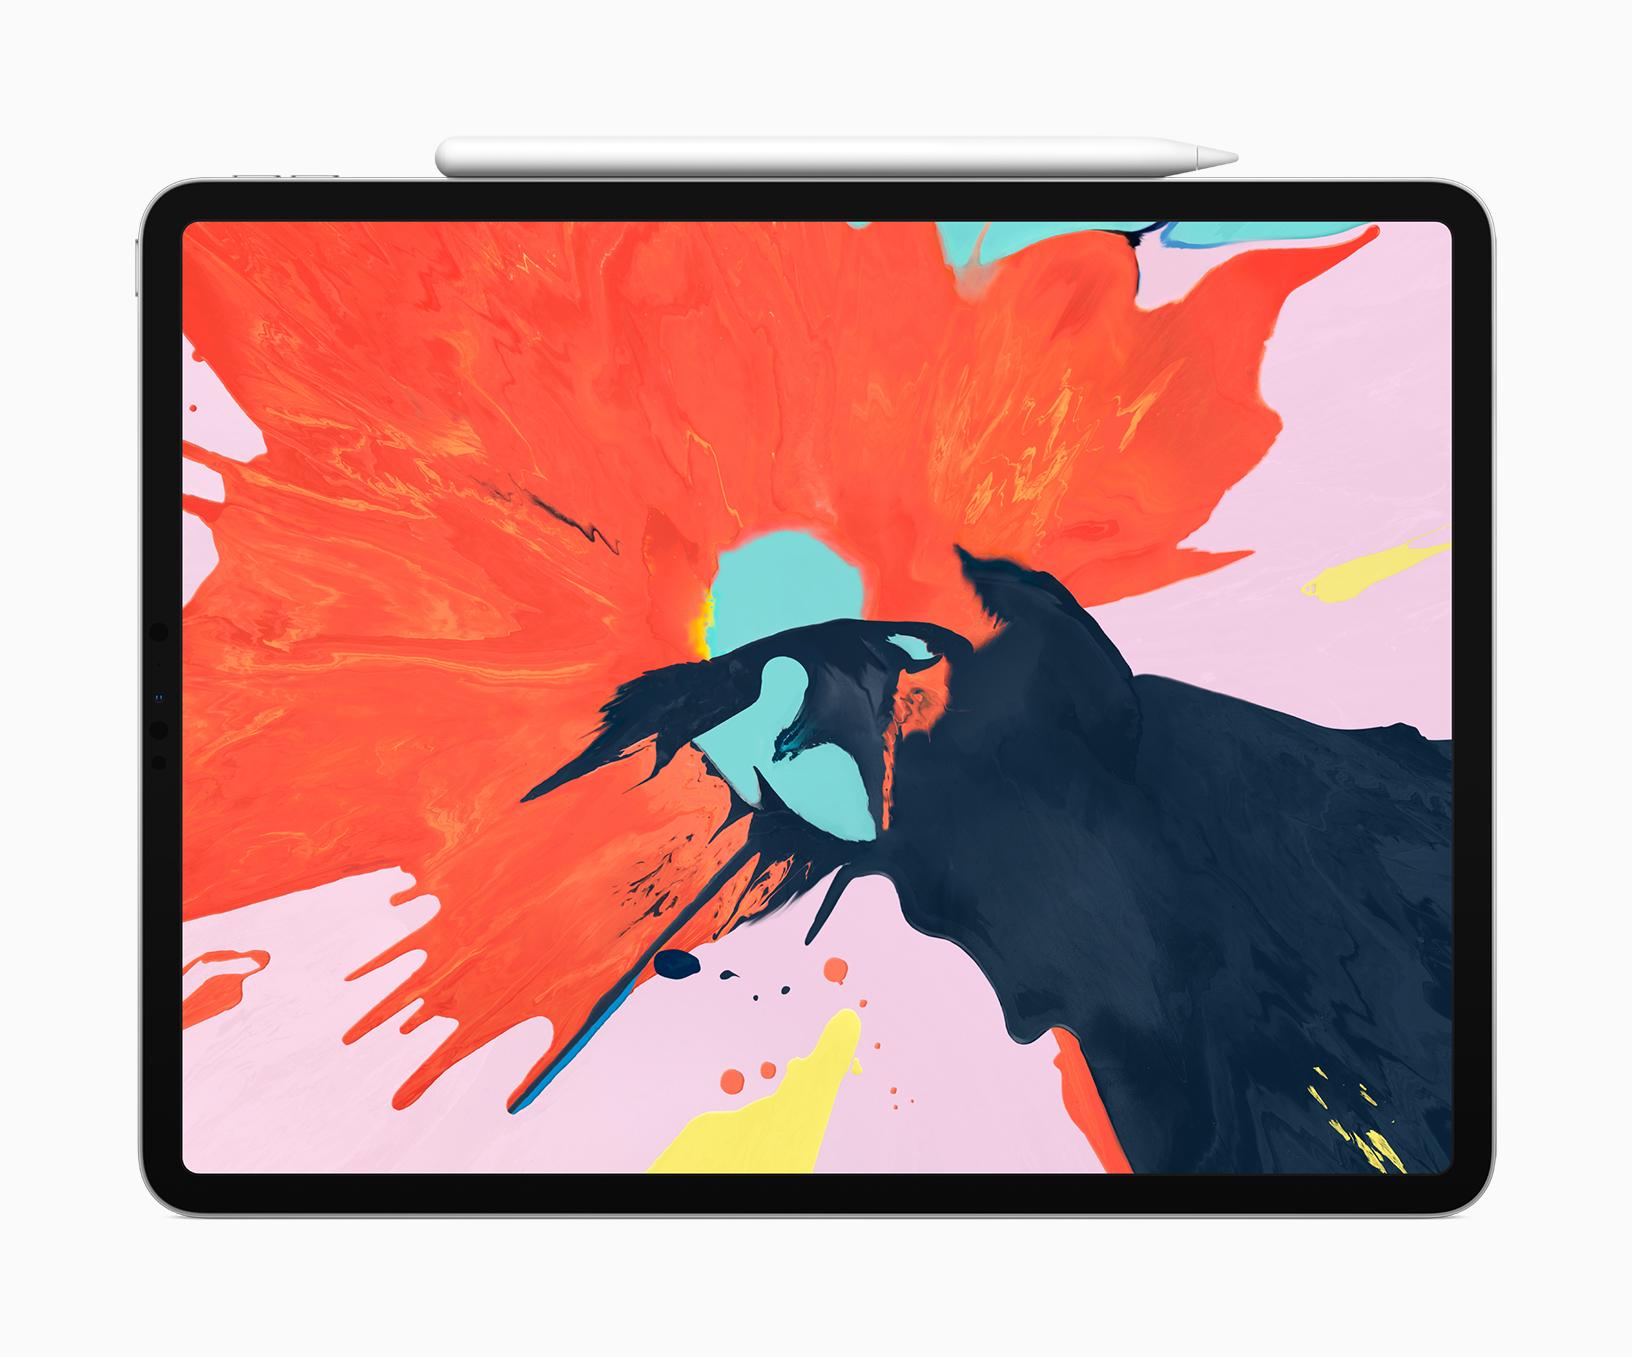 iPad Pro 2018, tutto quel che vi serve sapere